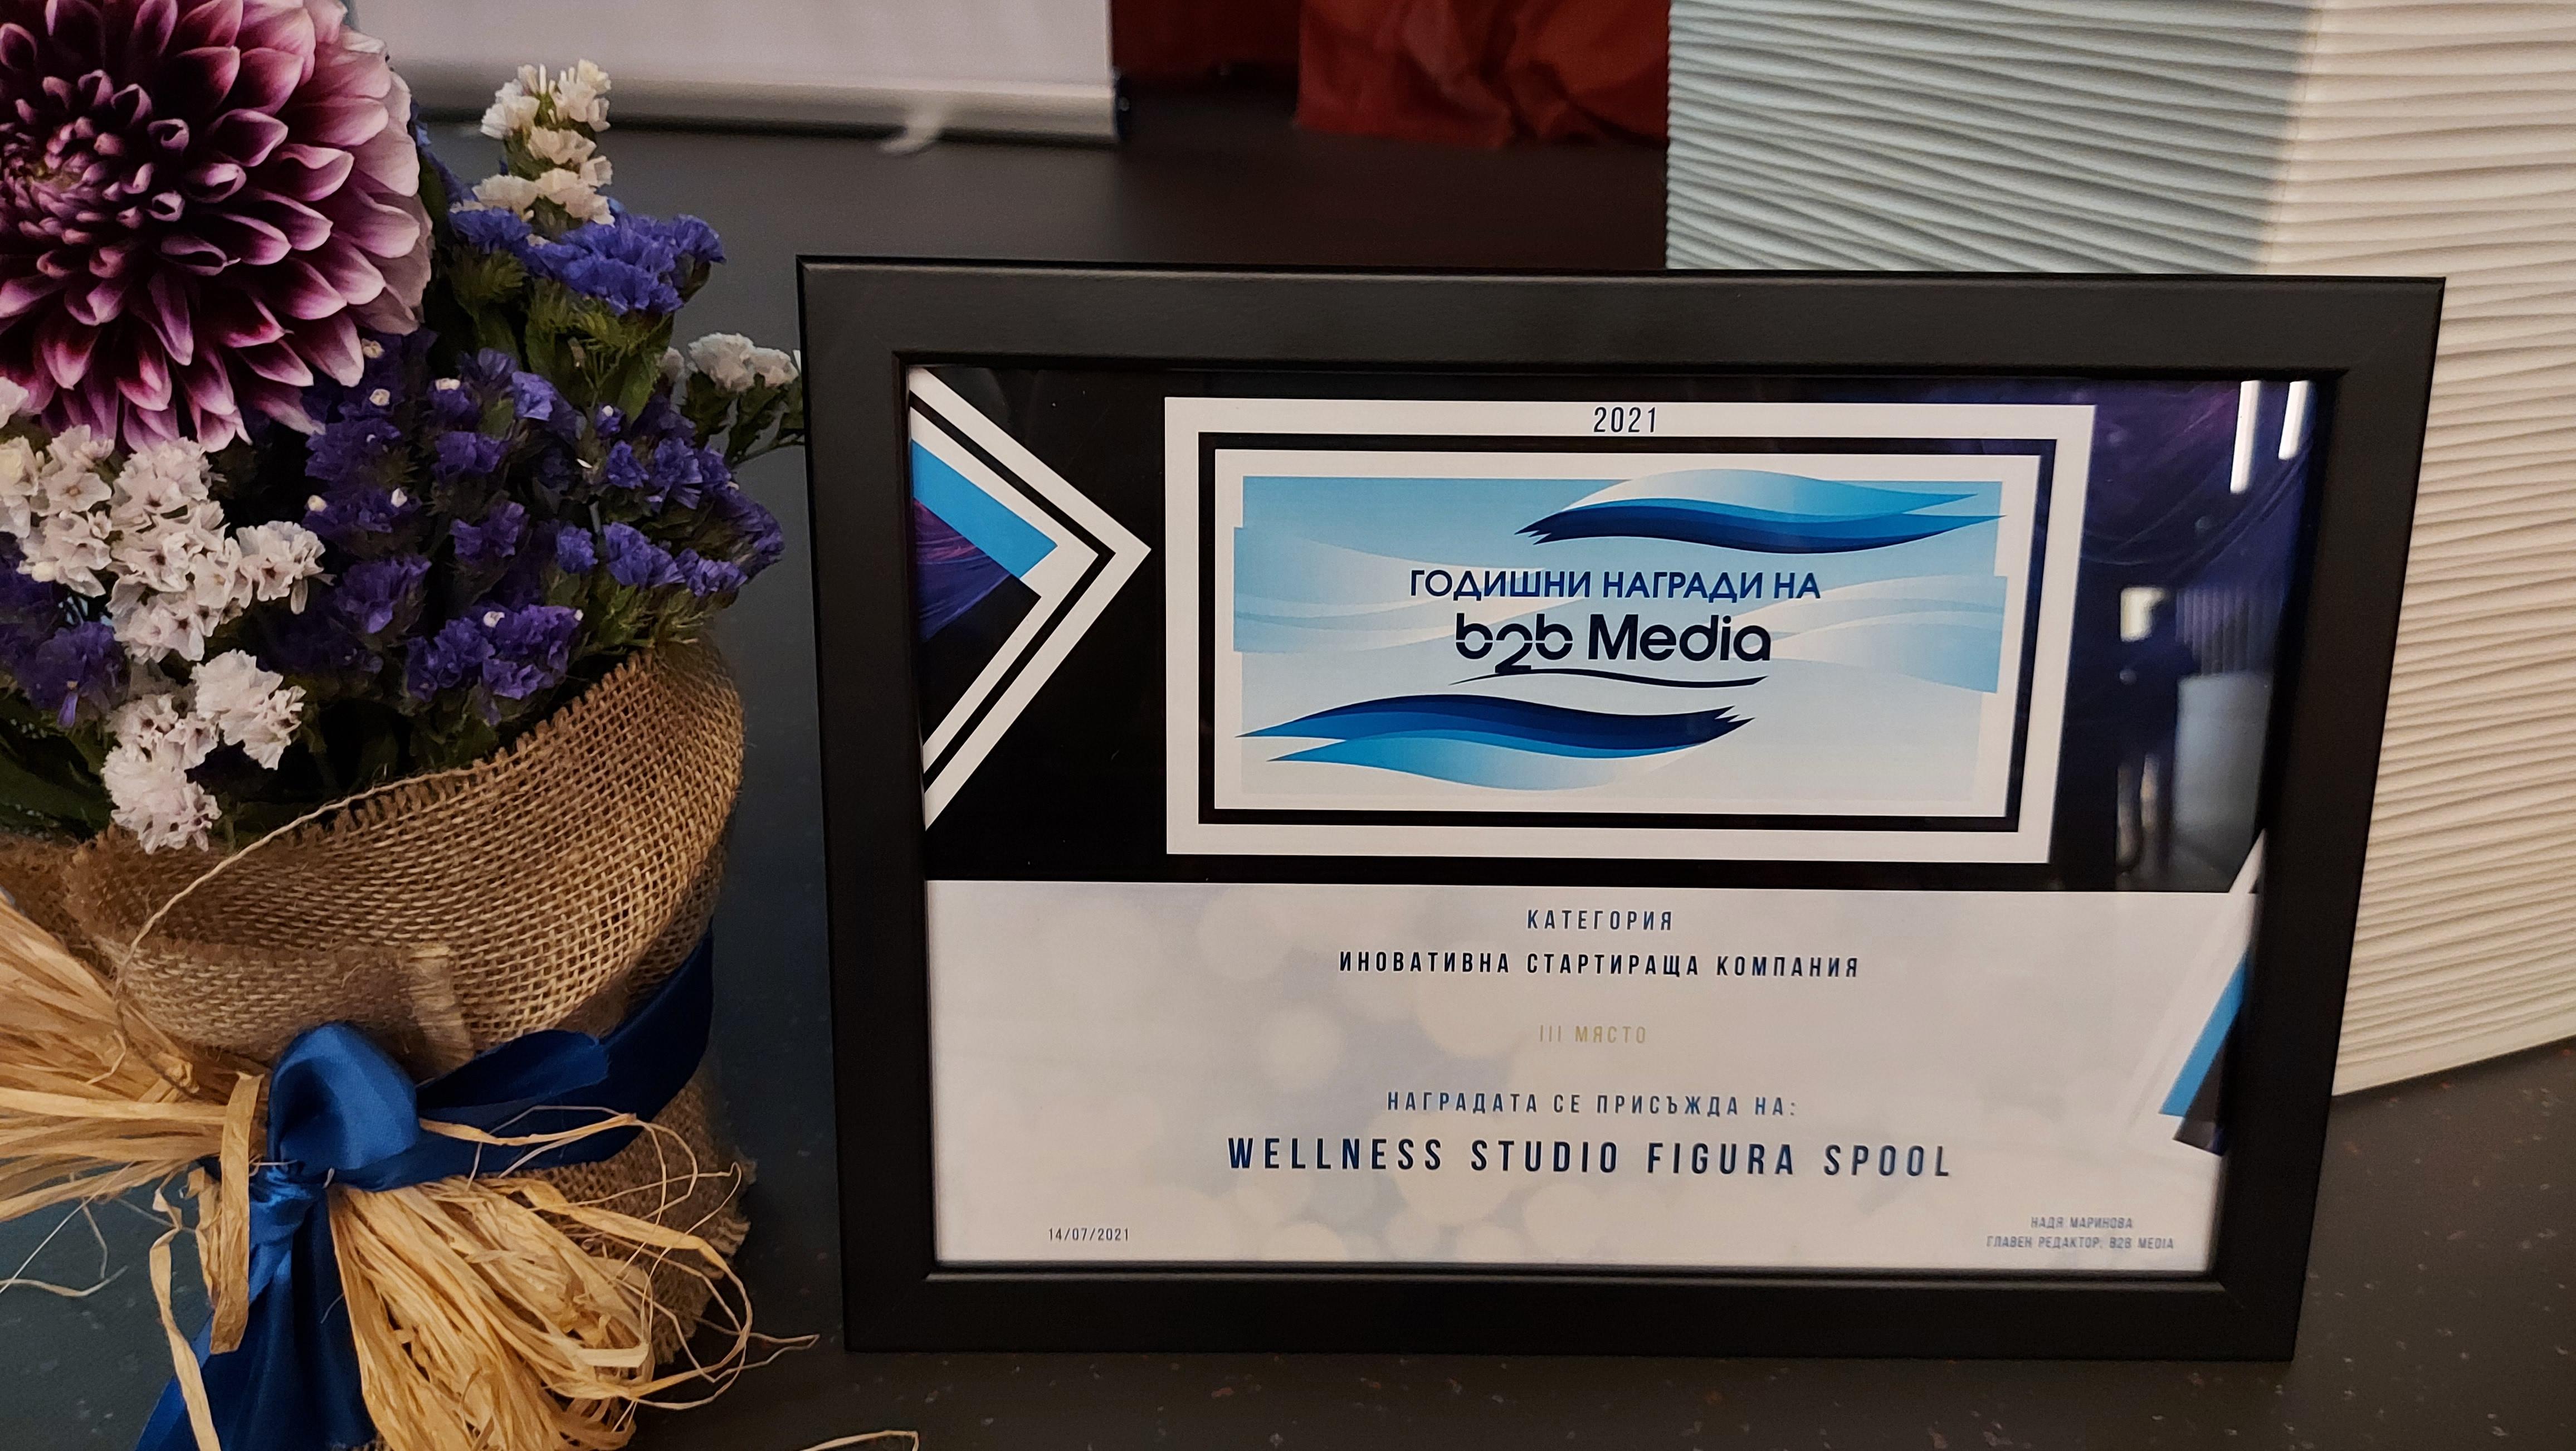 Wellness Studio Figura Spool с отличие в годишните награди на b2b Media 2021